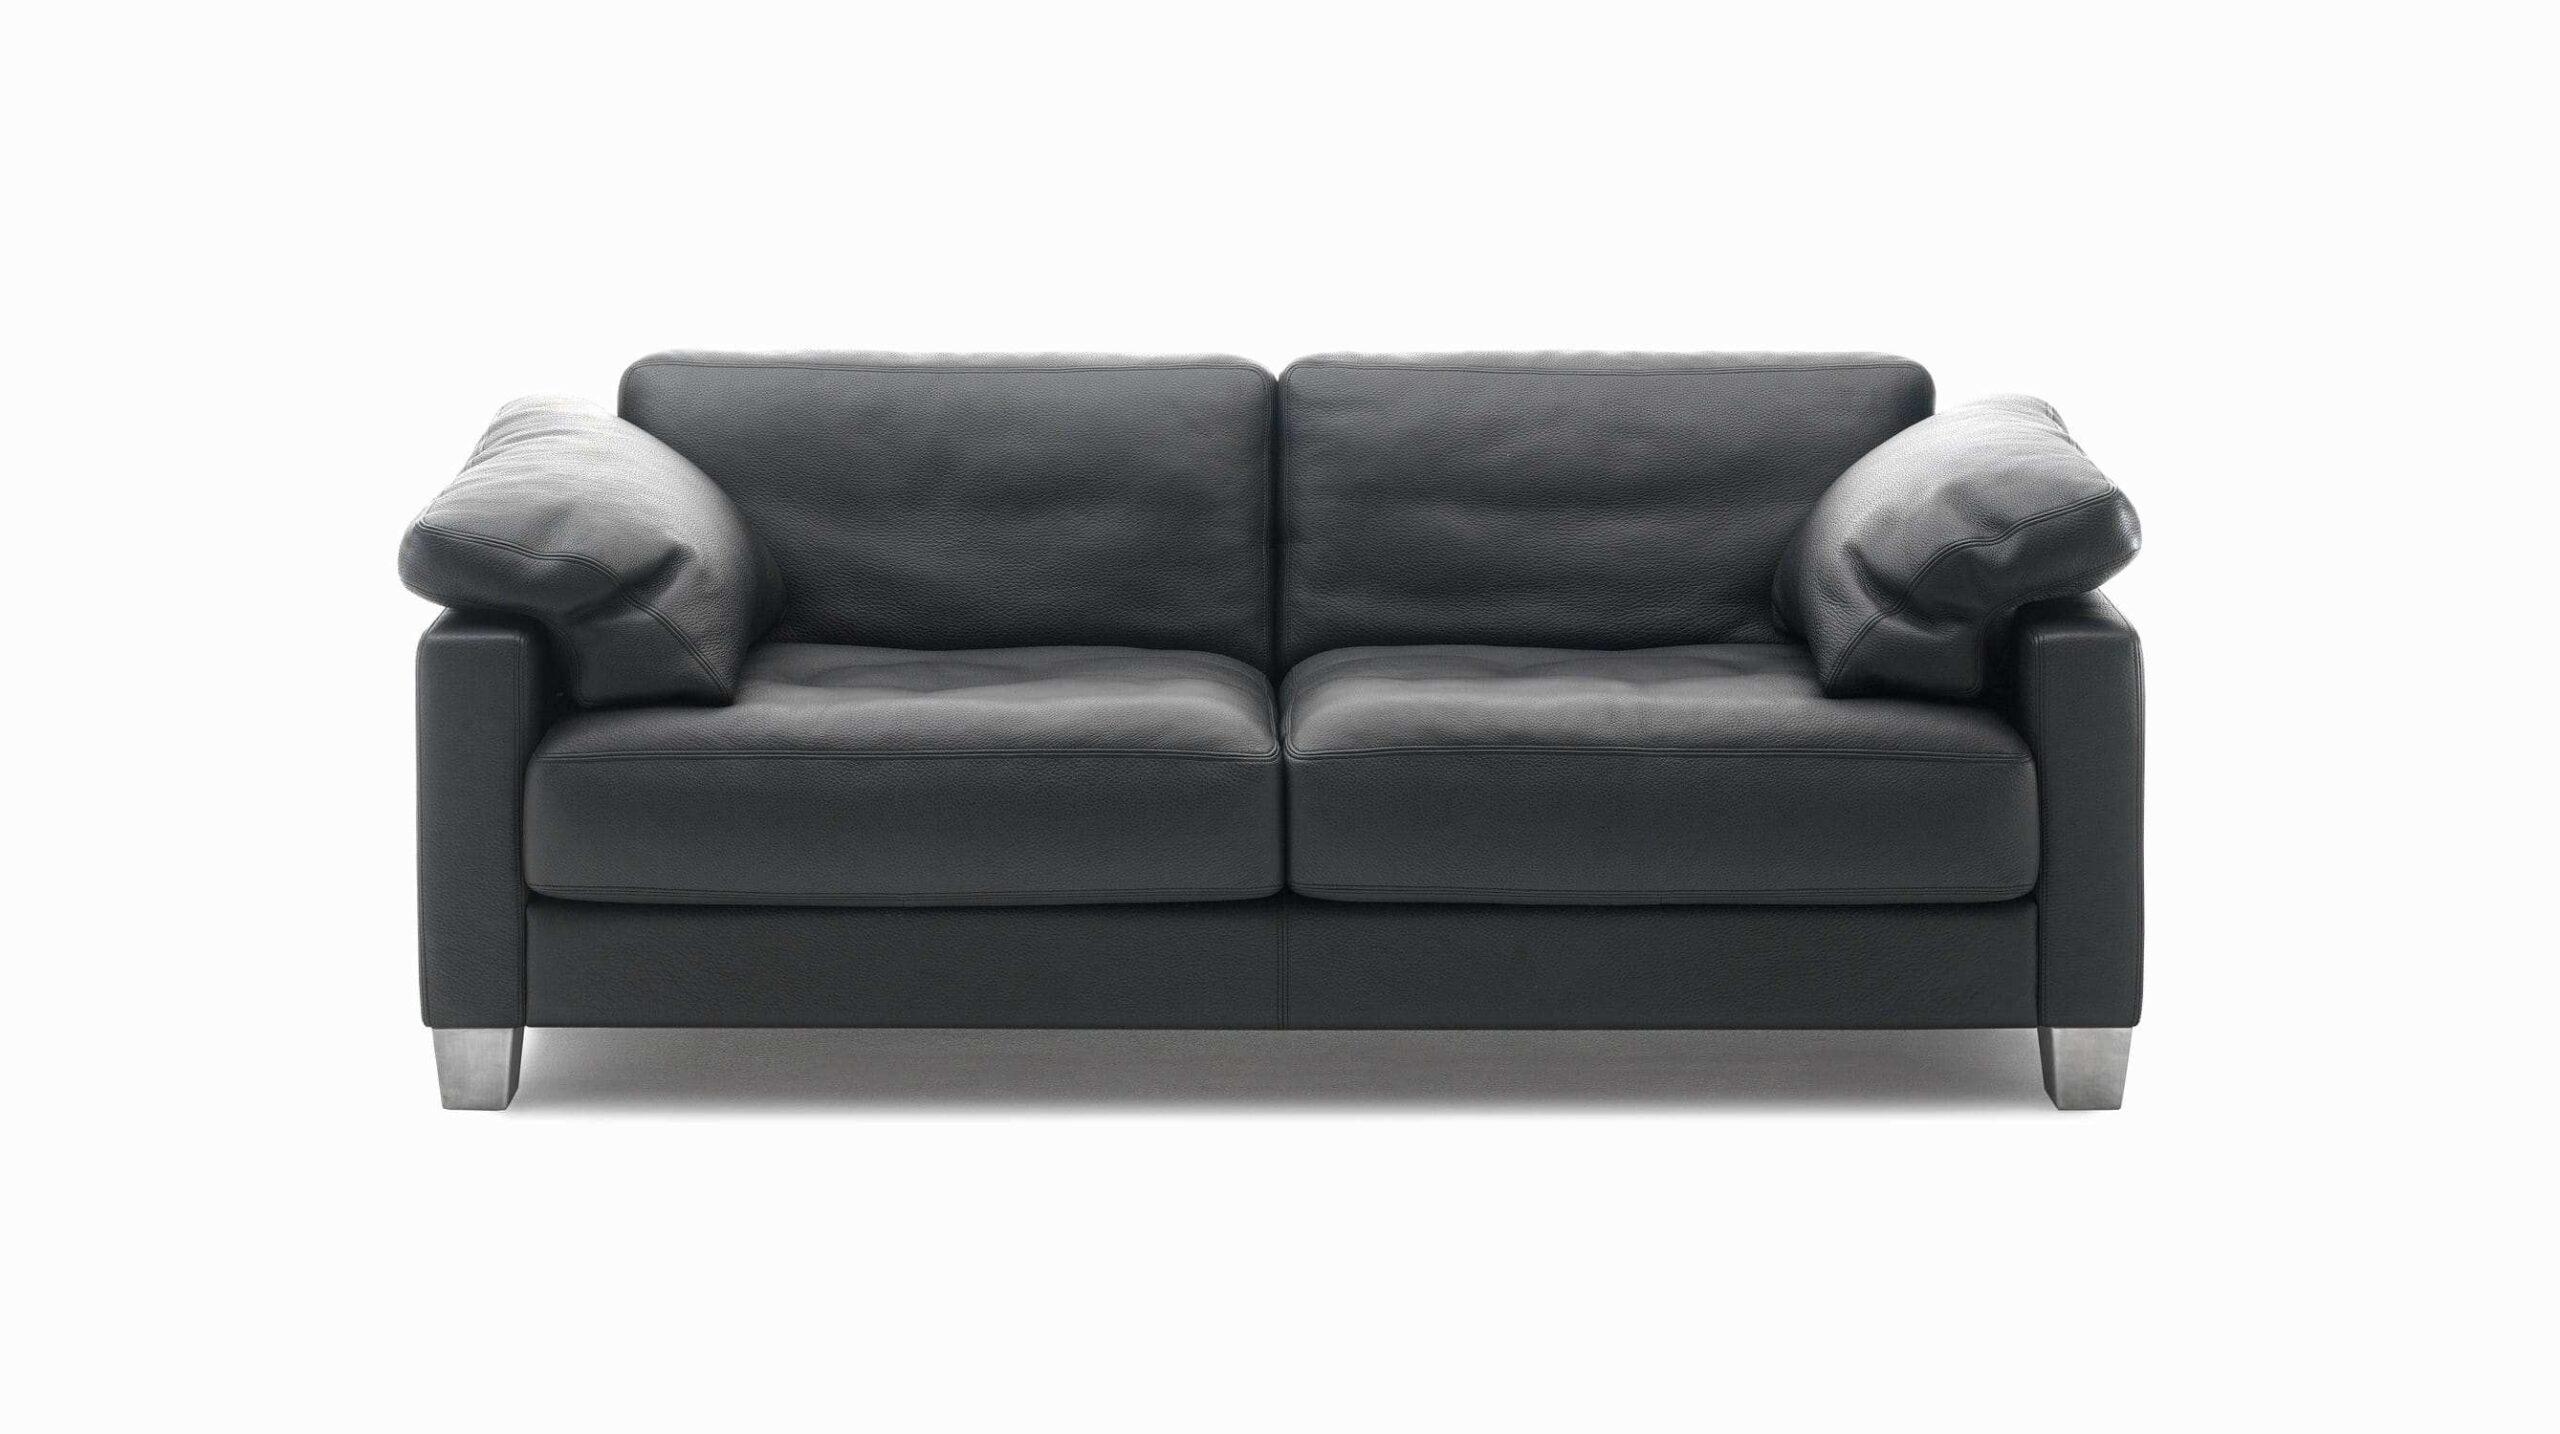 Full Size of Sofa Garnitur 2 Teilig Leder Frisch 5 Sitzer Vanda Schlafsofa Liegefläche 160x200 Bett Mit Matratze Und Lattenrost 140x200 Altes Weißes Halbrundes Schilling Sofa Sofa Garnitur 2 Teilig